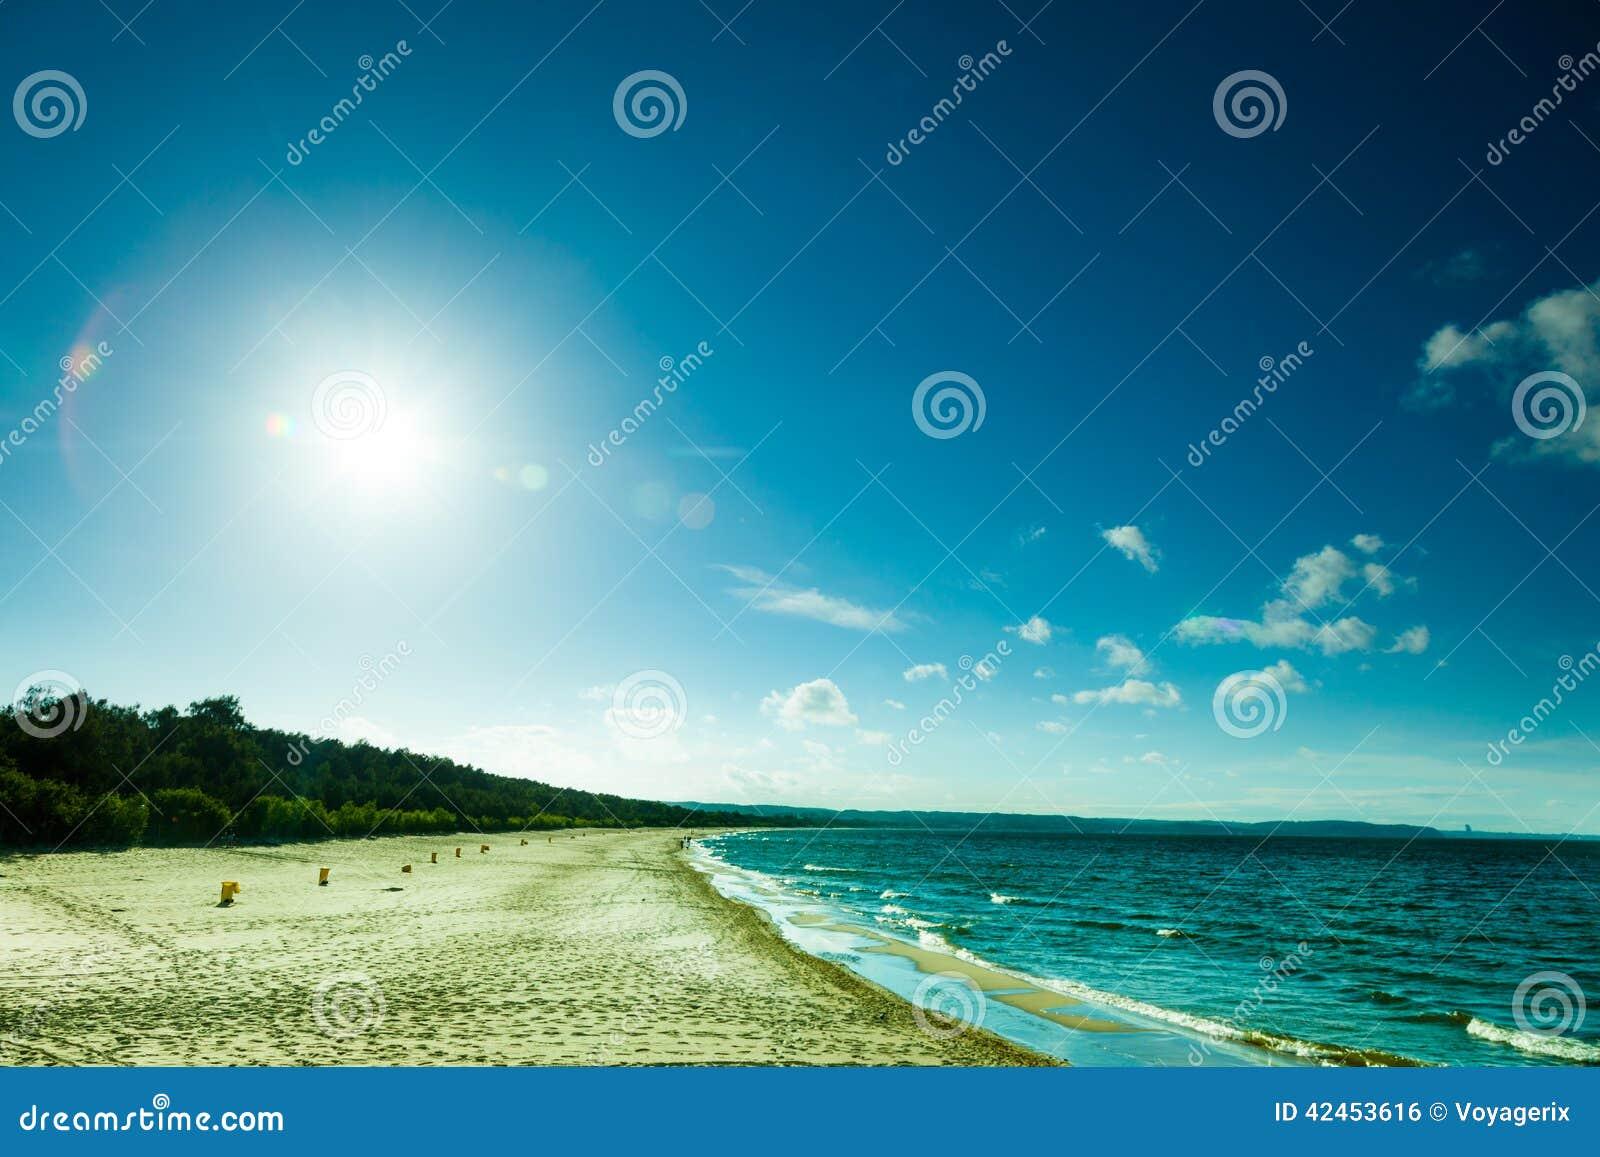 Ansicht des bewölkten Himmels in Meer mit Abdrücken auf einem Strand